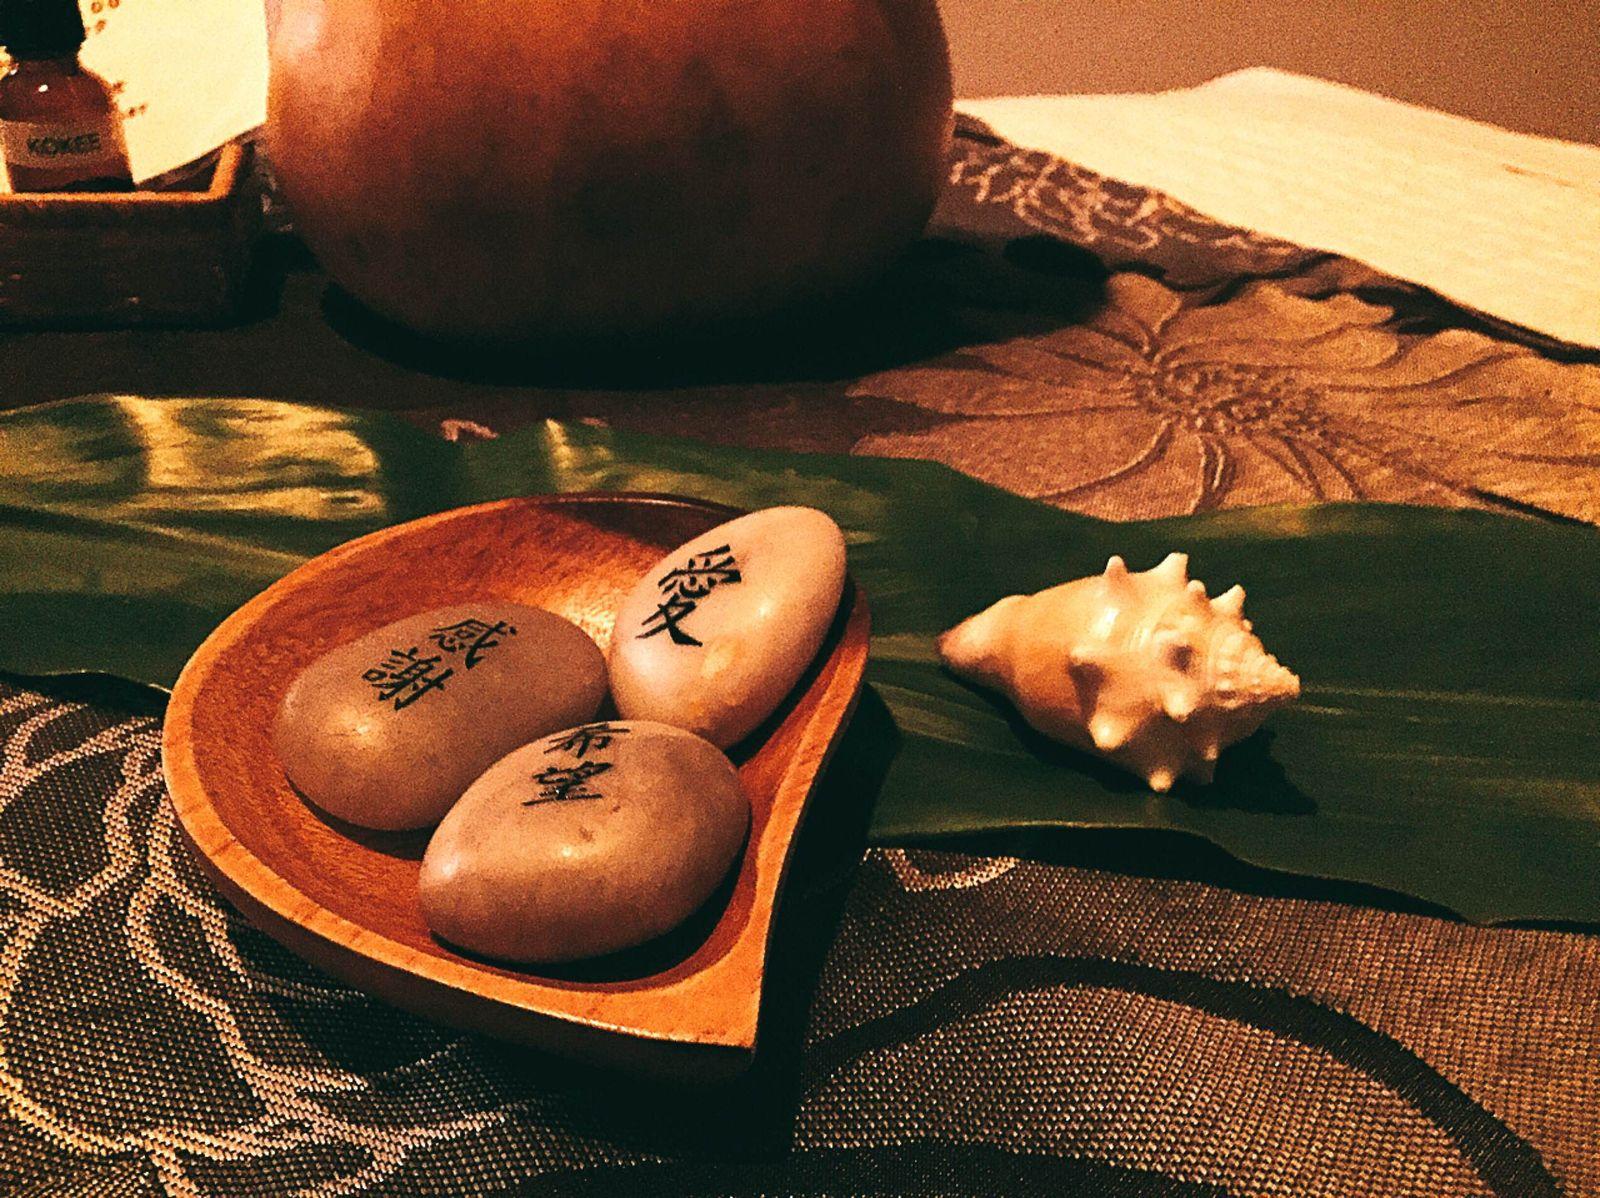 """ちなみにモアナ ラニ スパでの施術は、癒しと回復効果があると言われるハワイの伝統的な海塩「アラエア」の入った木のボウルに、心の悩みや疲れを移し入れる""""儀式""""からはじまります。利用客の悩みを受け取った塩は1日の終わりに海に流すのだとか。「愛」や「希望」といったポジティブな要素を刻んだホットストーンでの施術もあります。その思いやりに、身体だけではなく、気持ちも癒されちゃいますよね。"""